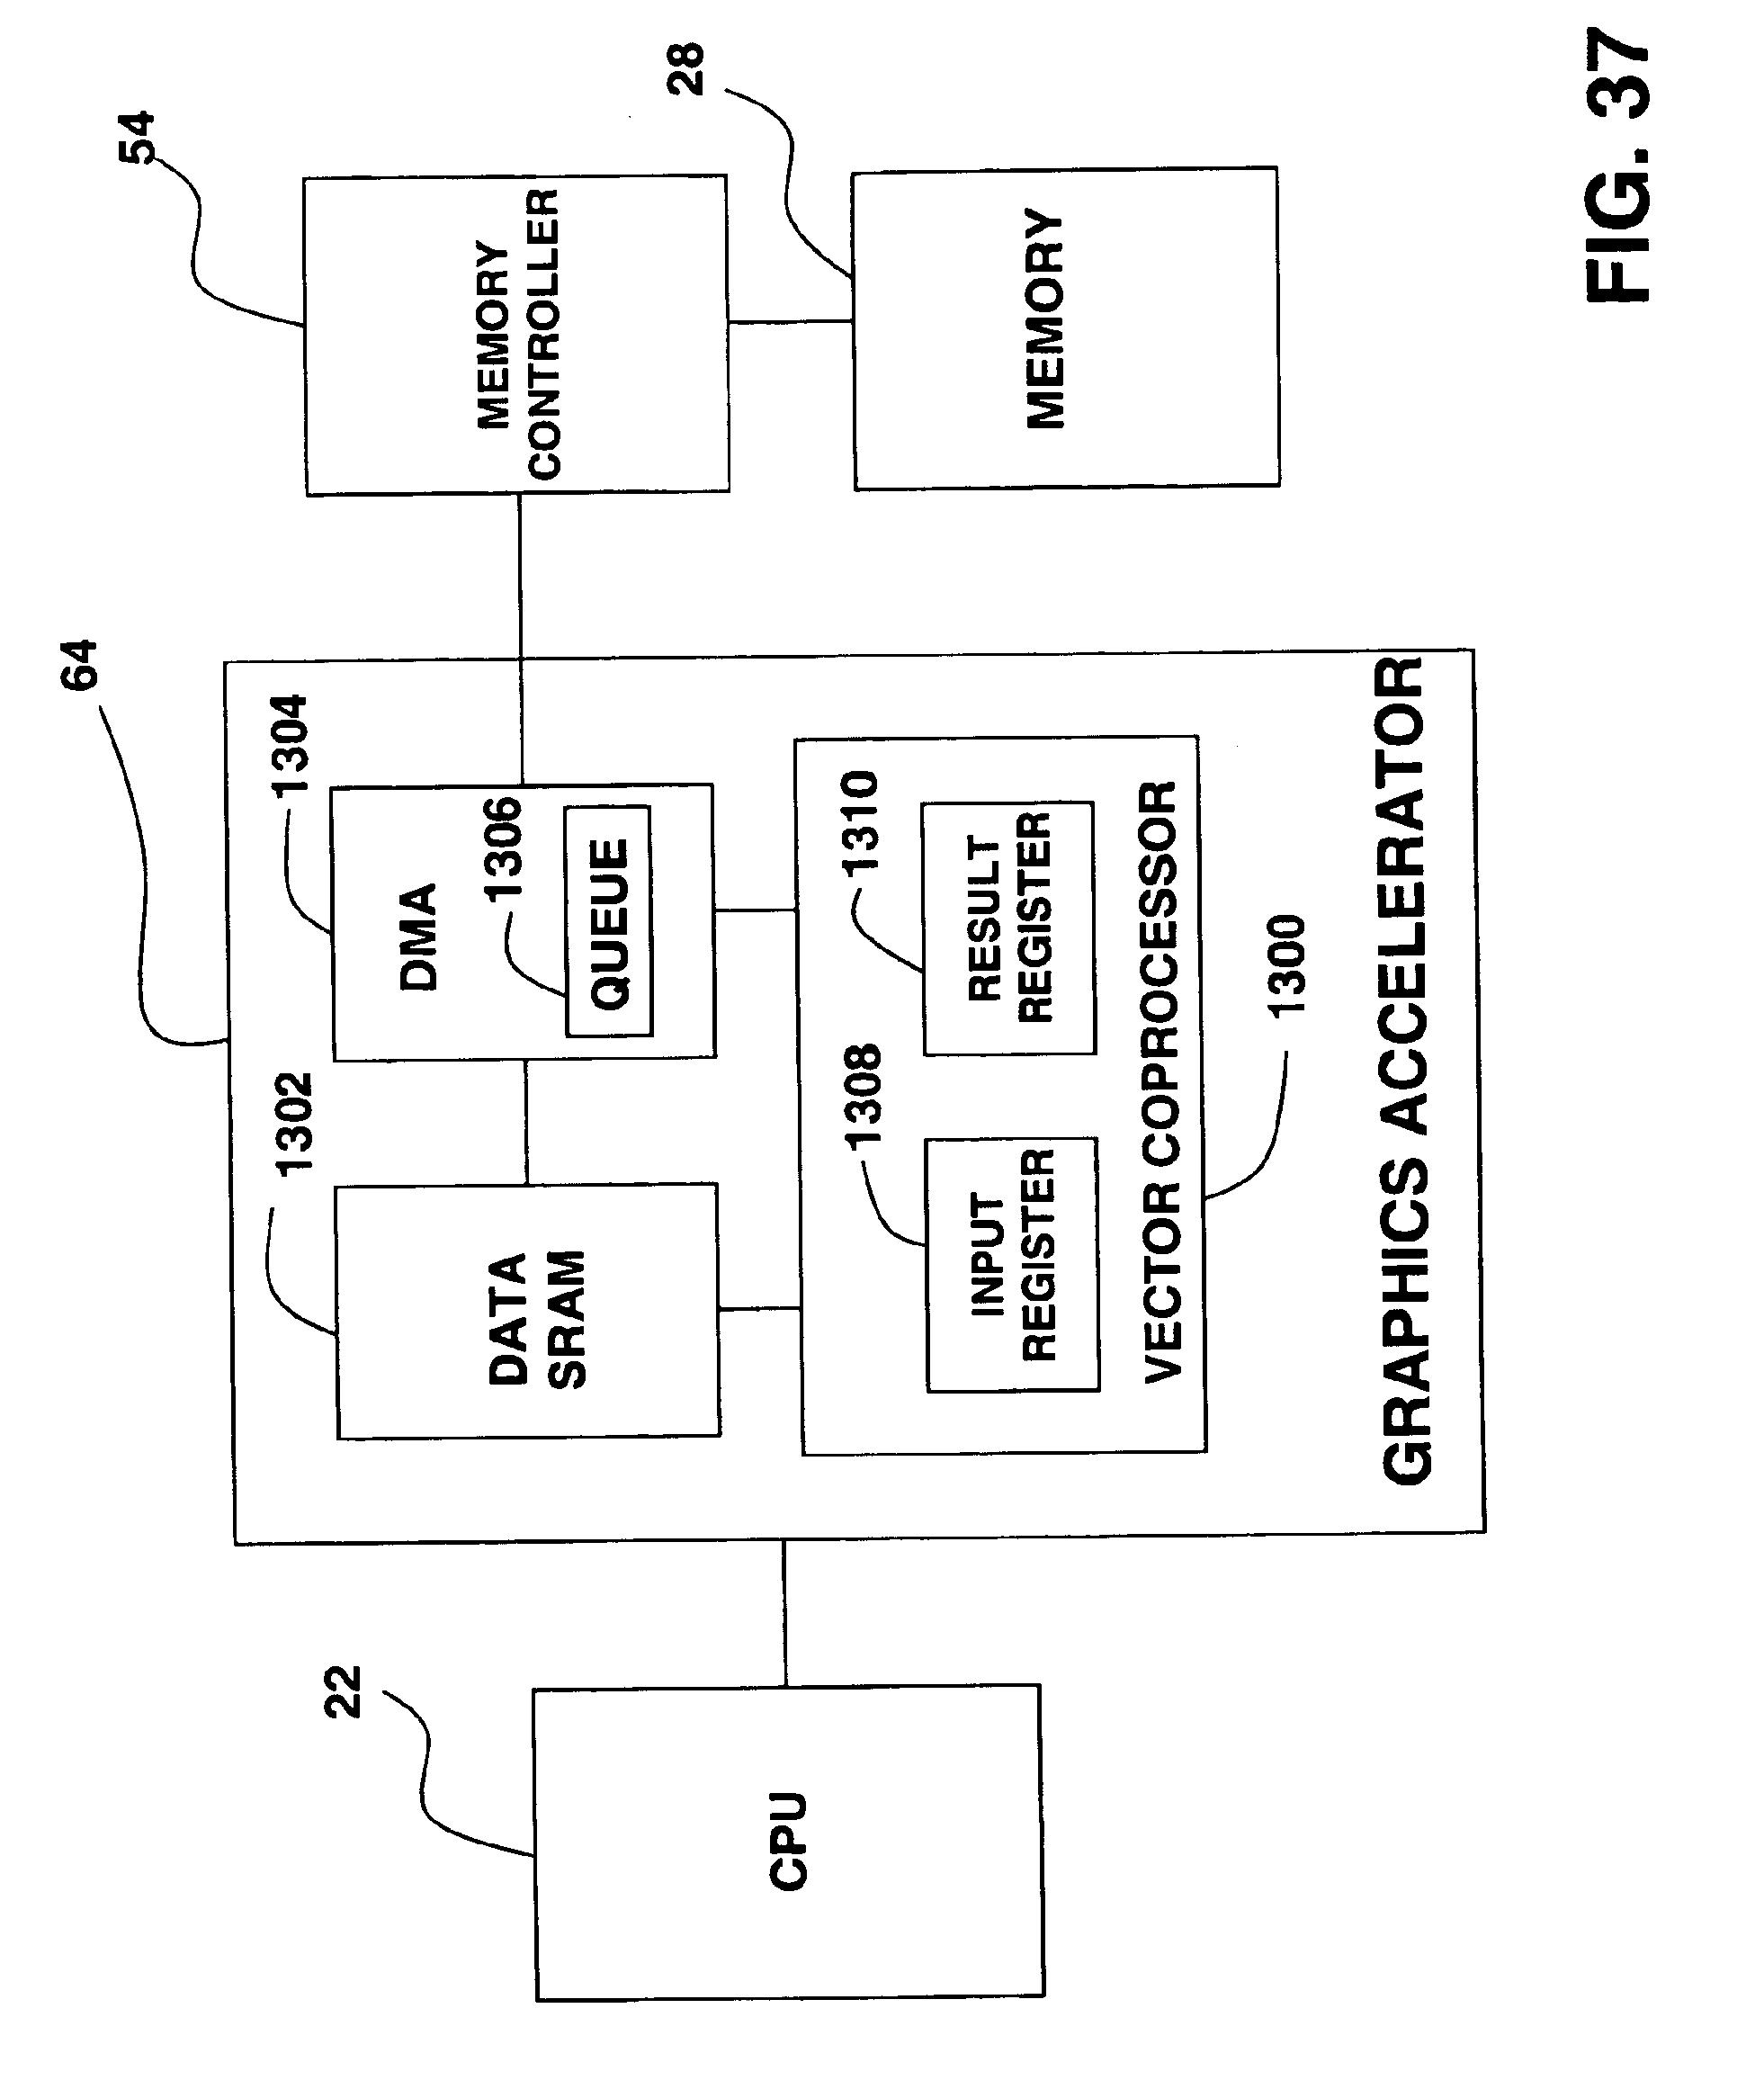 Arris Set Top Box | Wiring Diagram Database